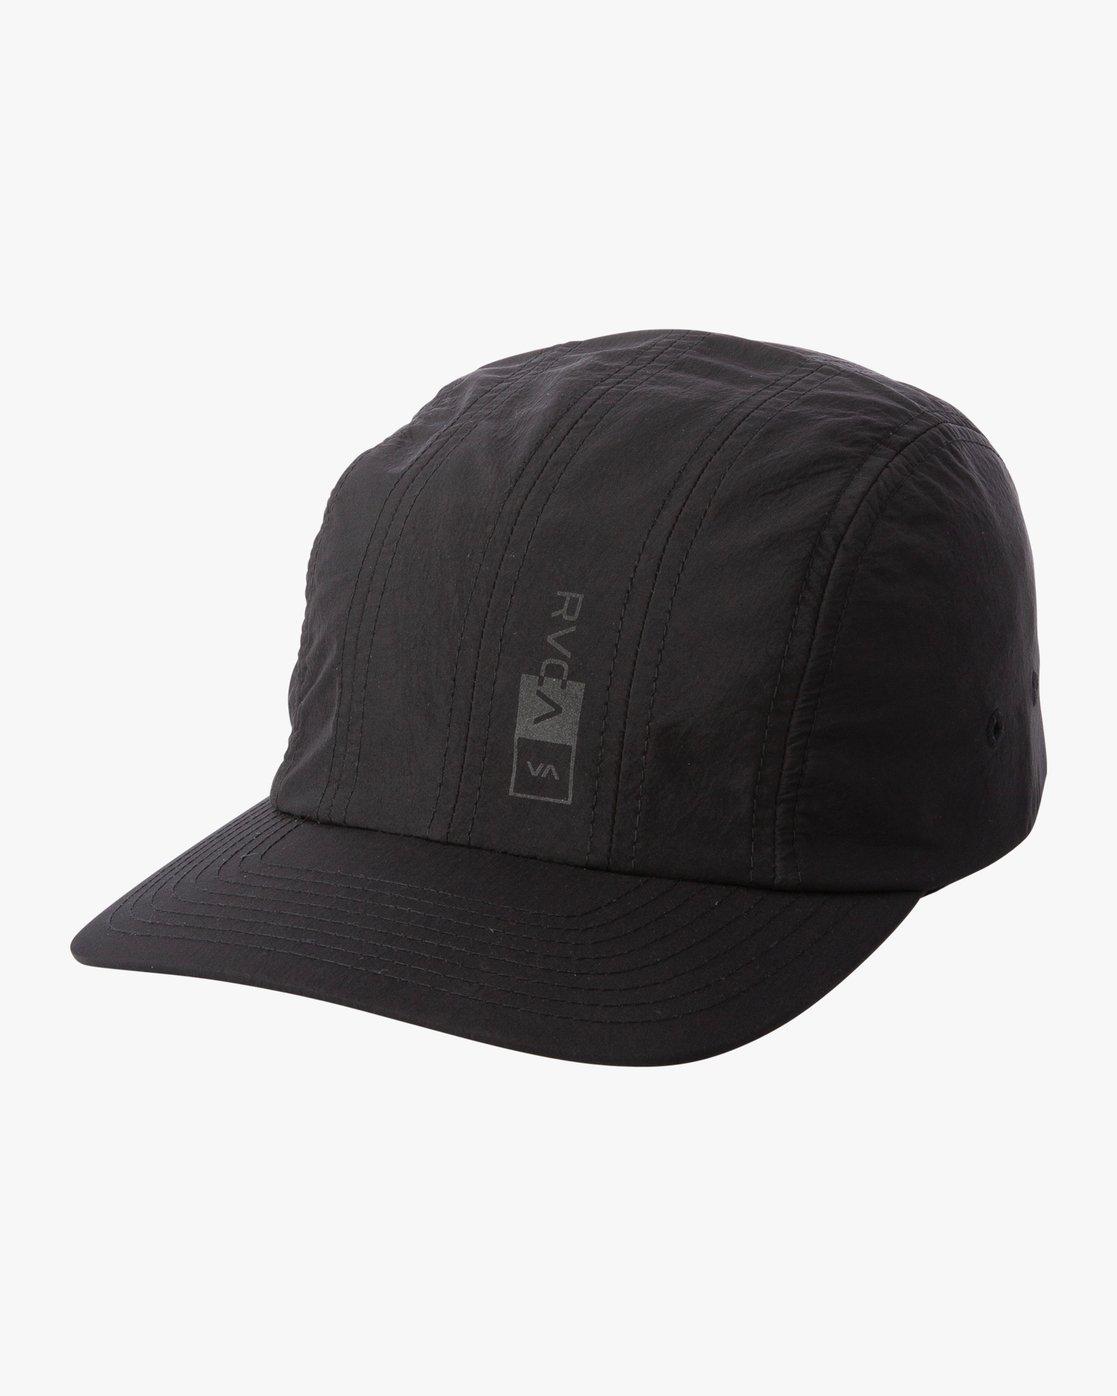 0 STREAMLINE CAP Black MAHW1RSC RVCA